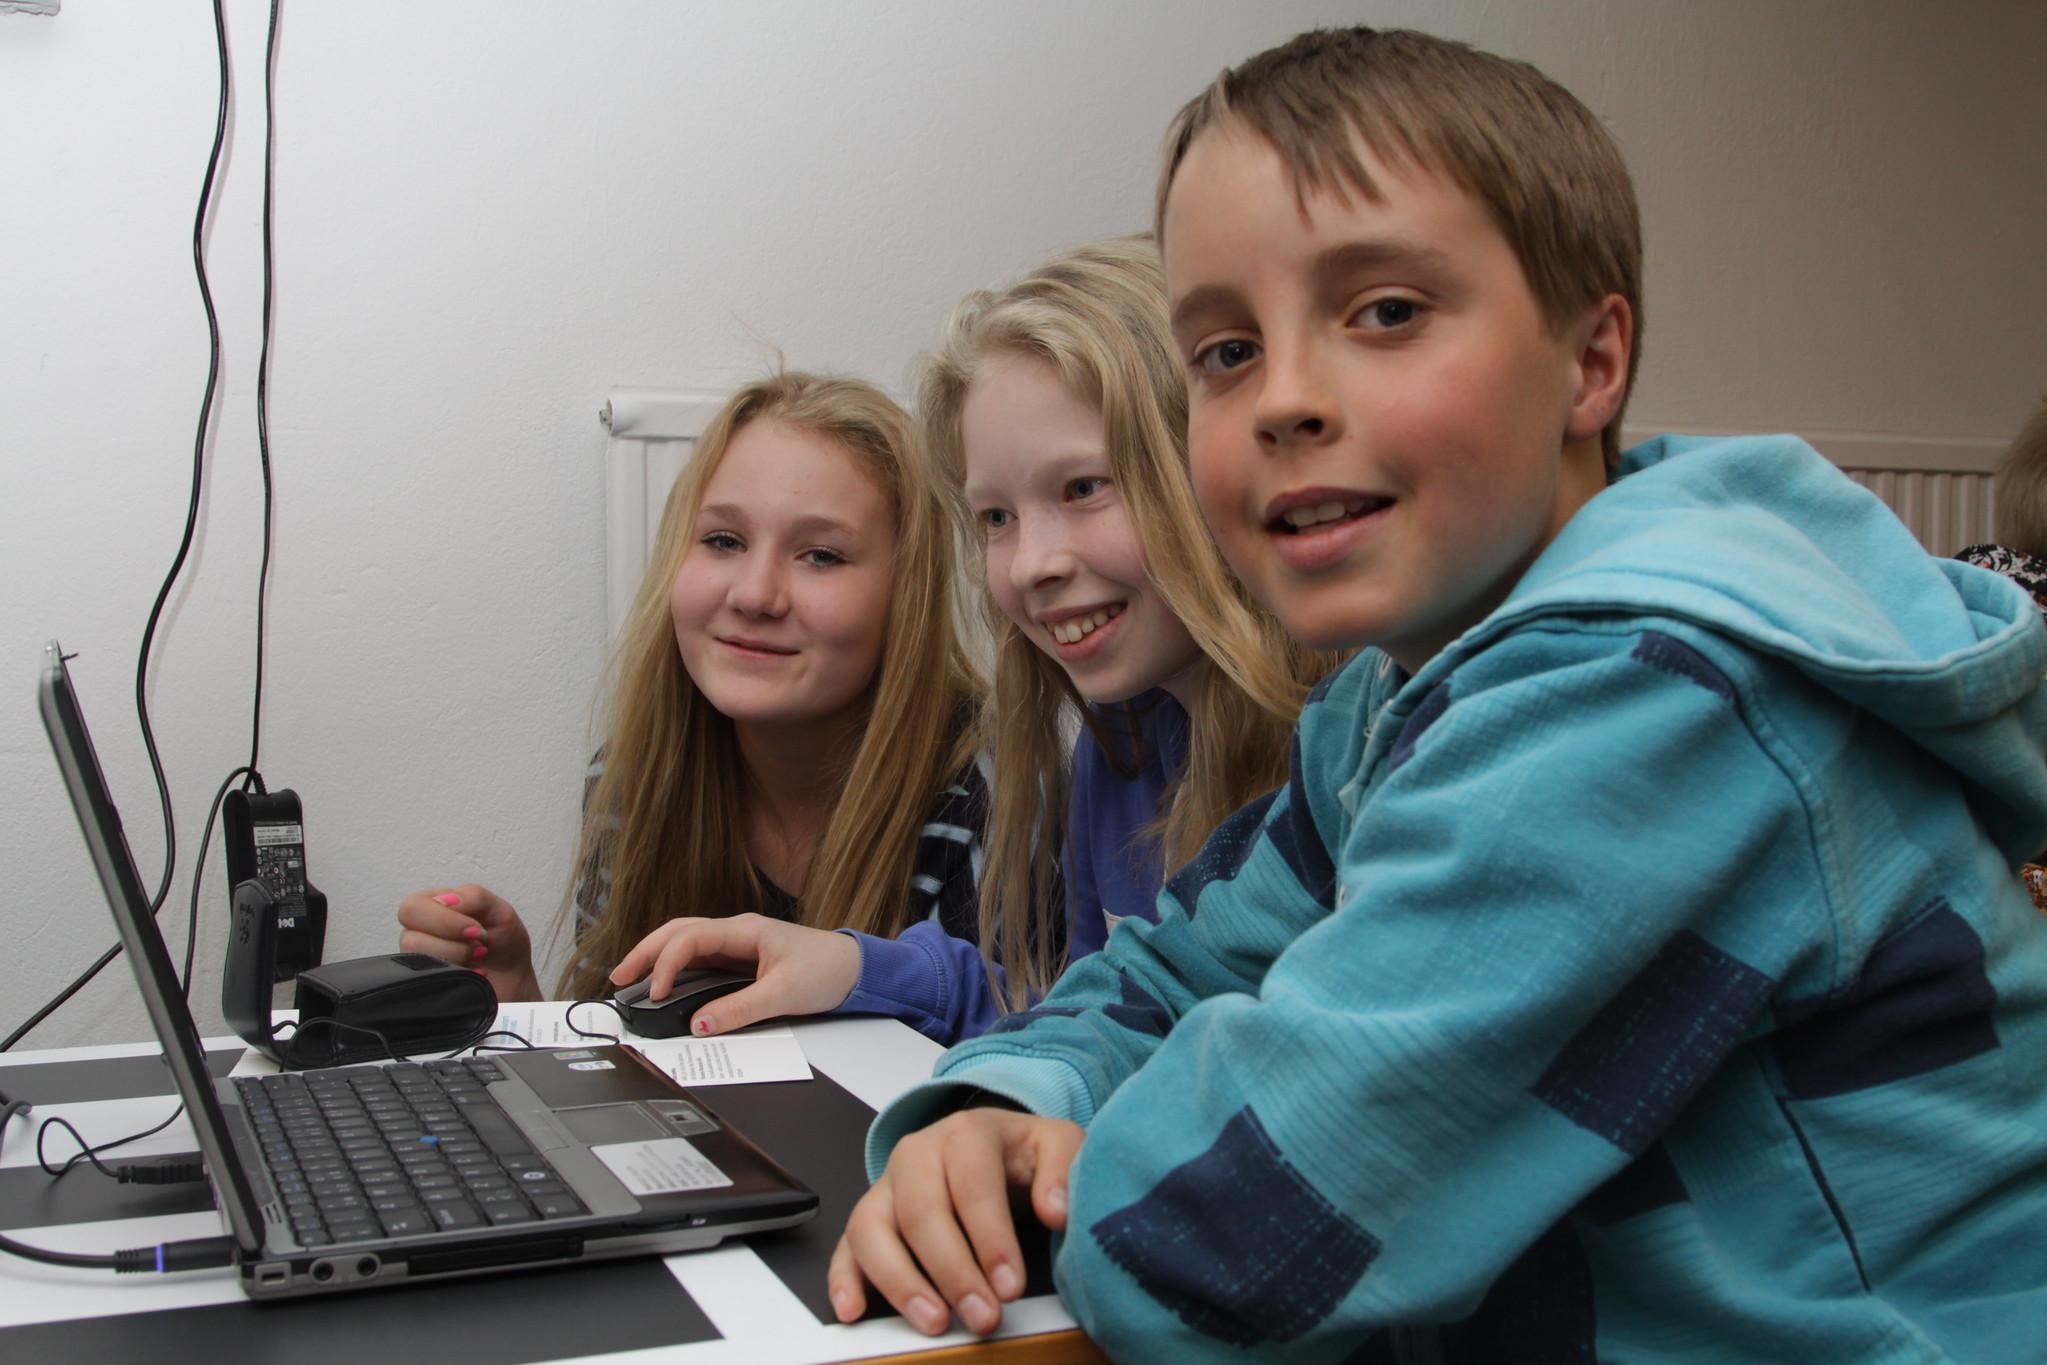 kolme iloista lasta tietokoneen äärellä.